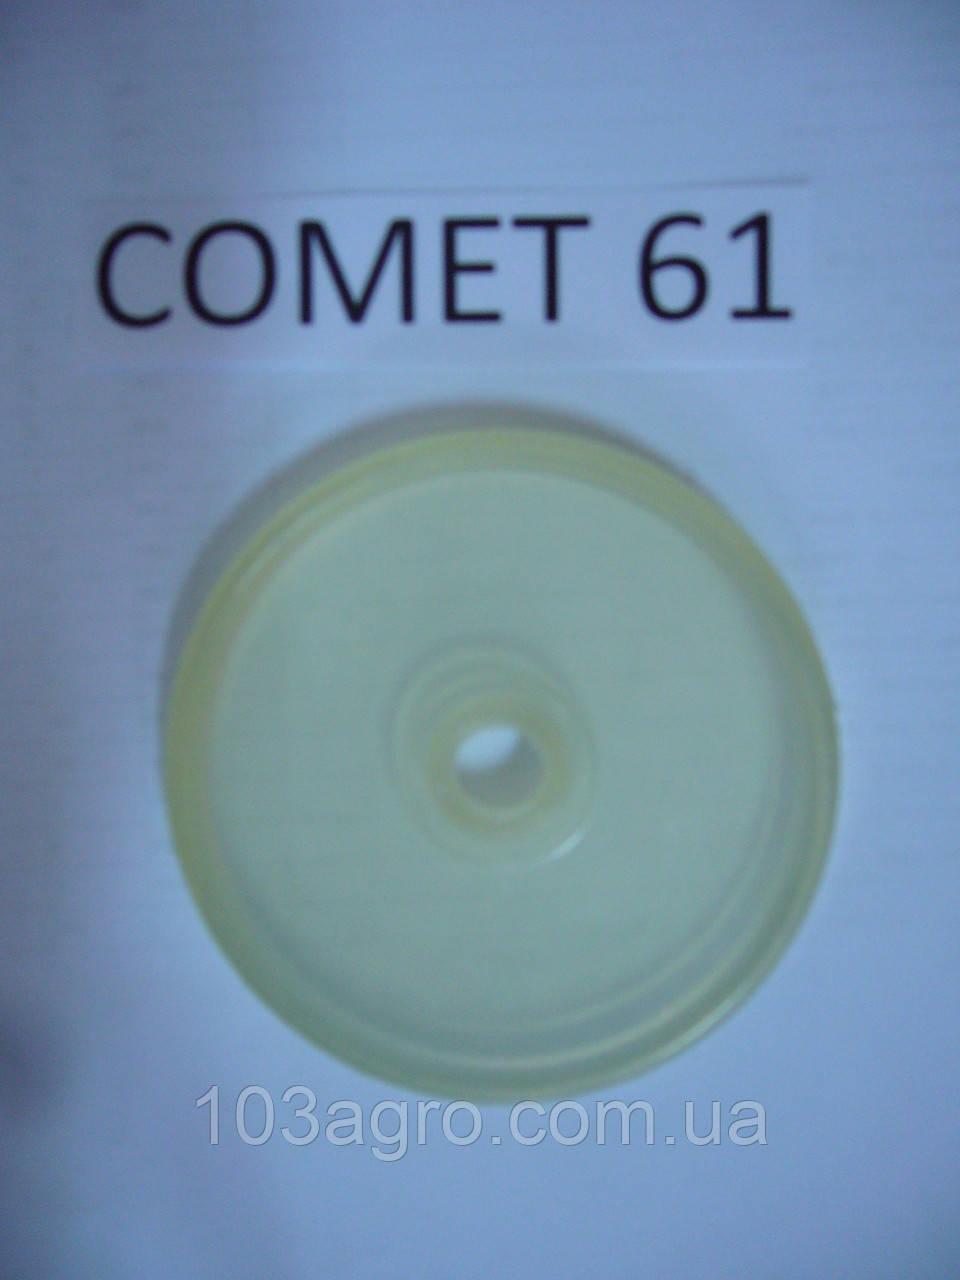 Мембрана насоса Comet APS 61 десмопан (не оригінальна)